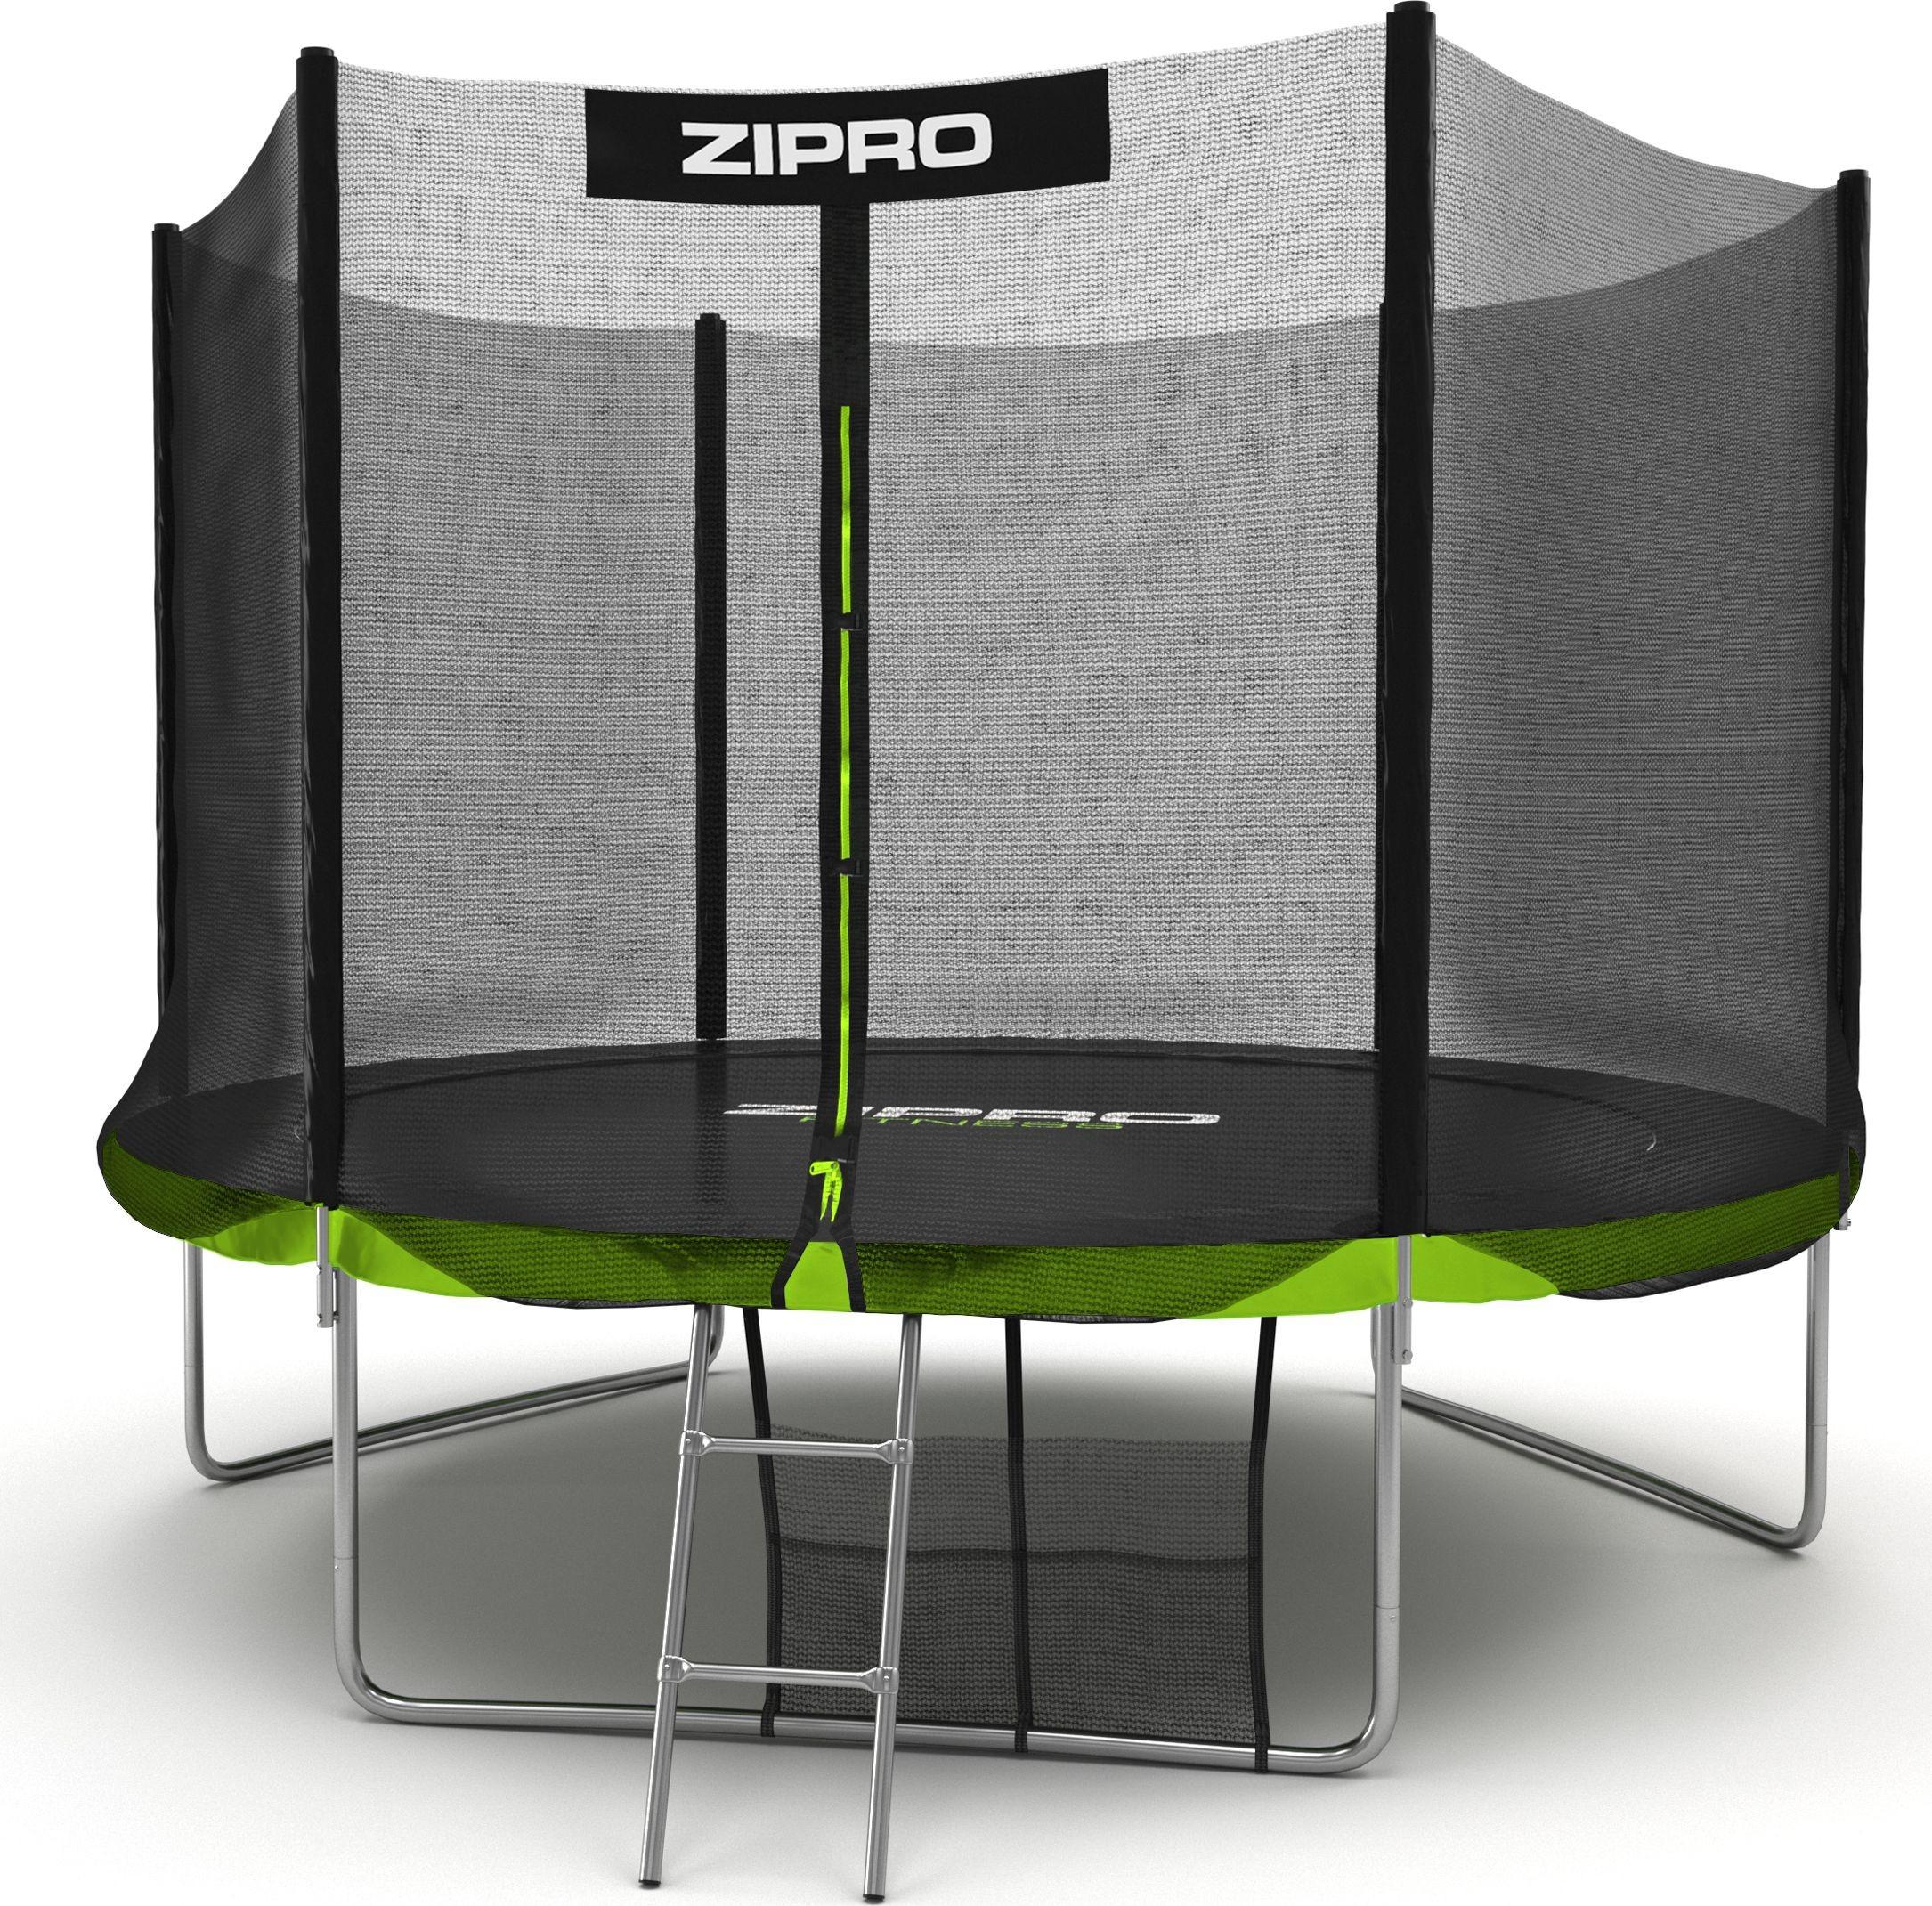 Zipro Trampolina ogrodowa z siatką zewnętrzną 10FT 312cm + torba na buty GRATIS! 5902659840721